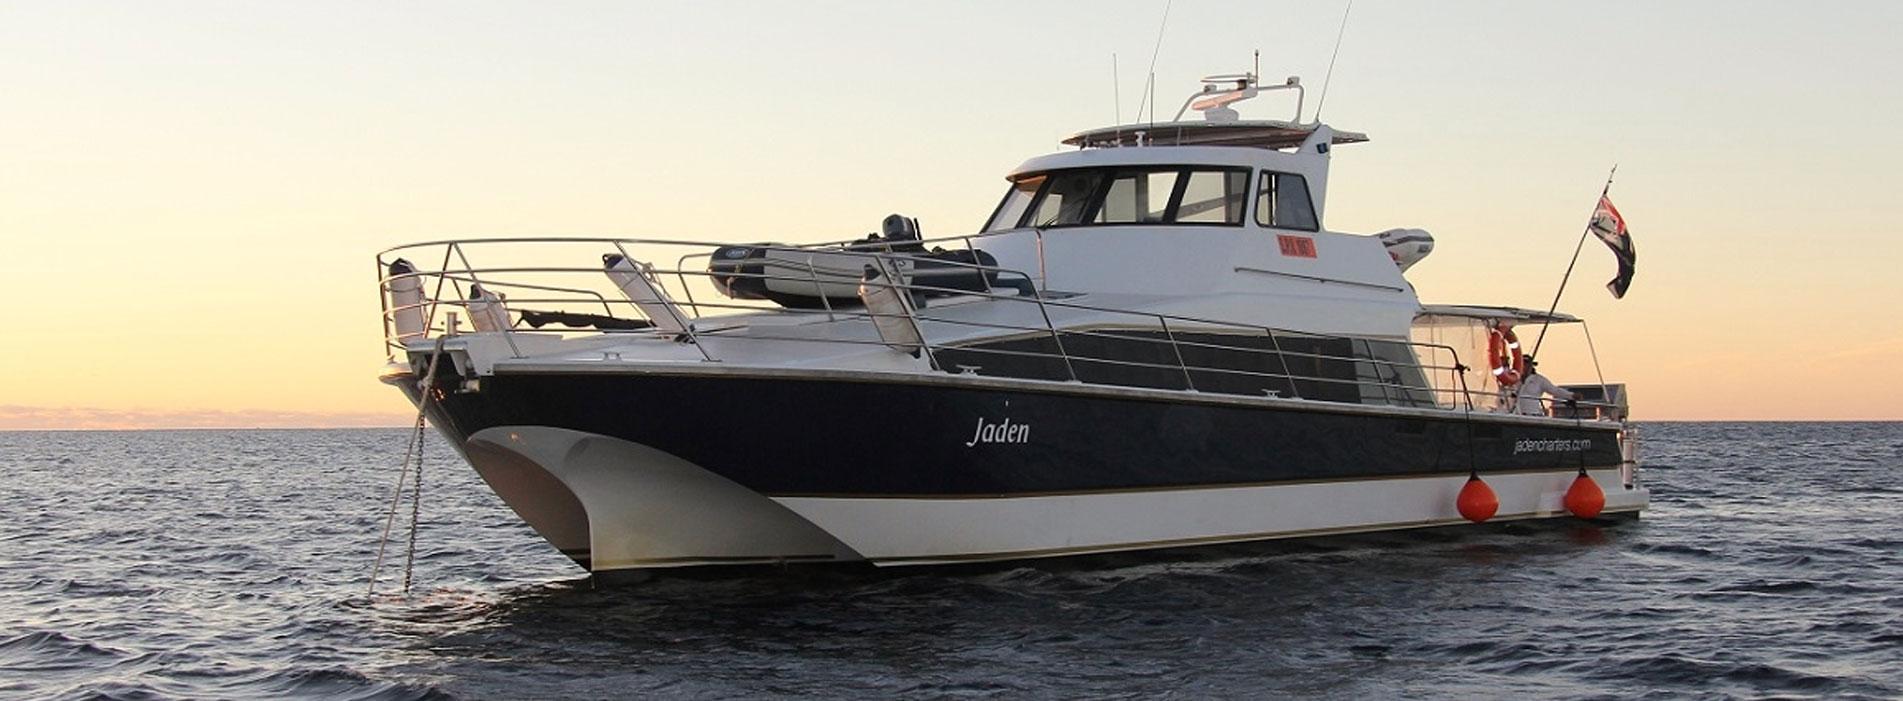 JADEN-Boat-charters-perth-wa